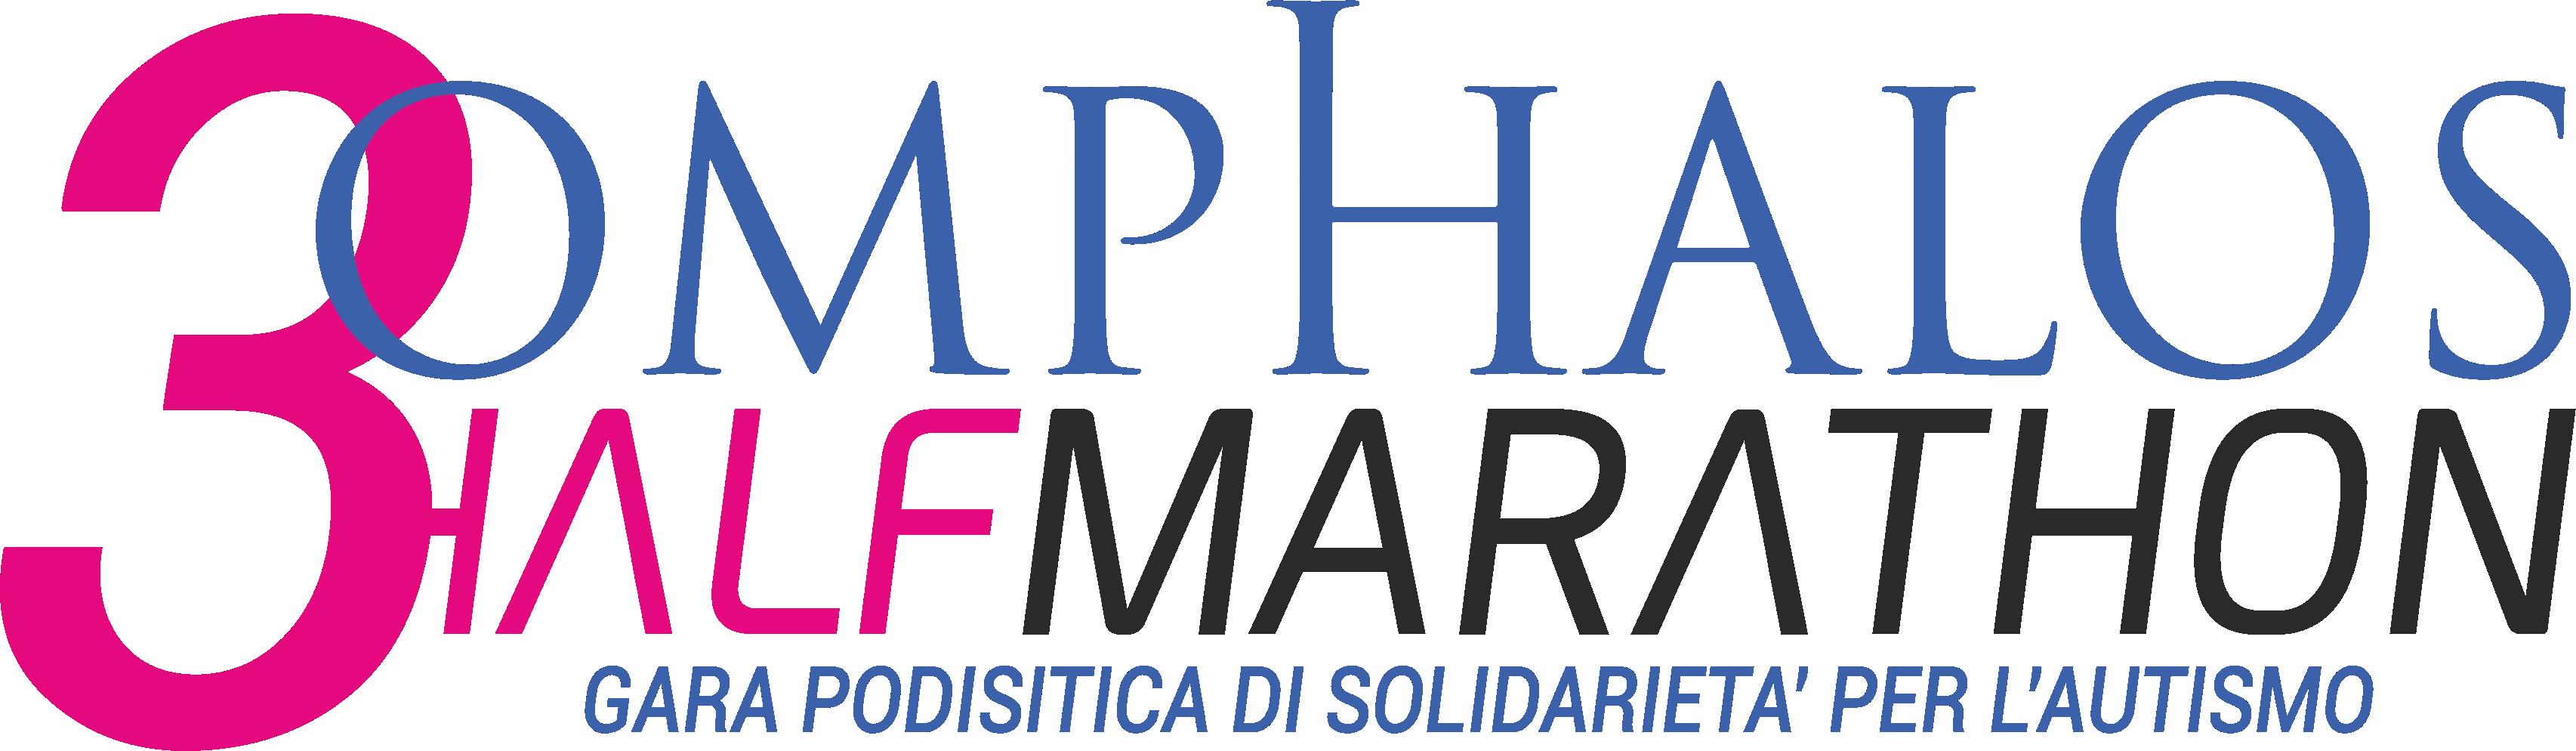 3omphaloshalfmarathon